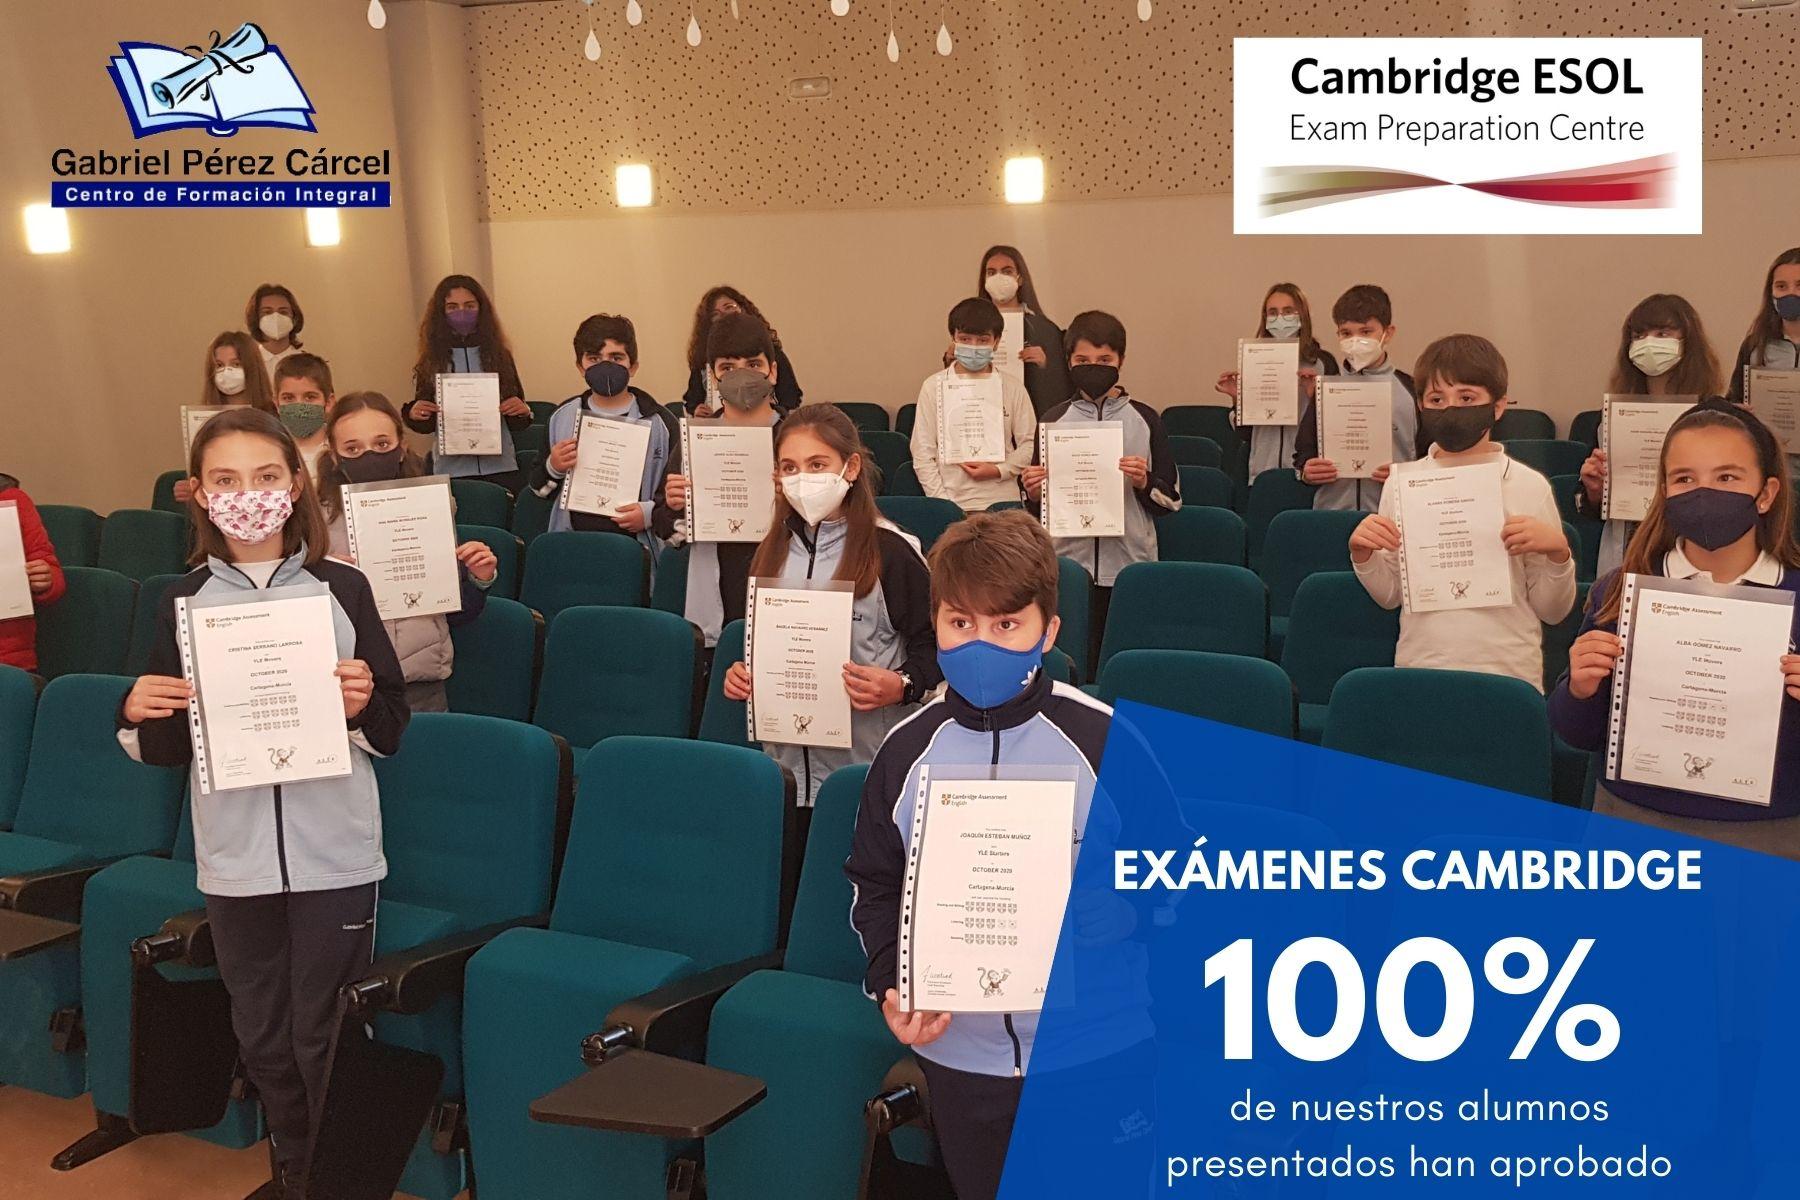 100% APROBADOS EXÁMENES CAMBRIDGE